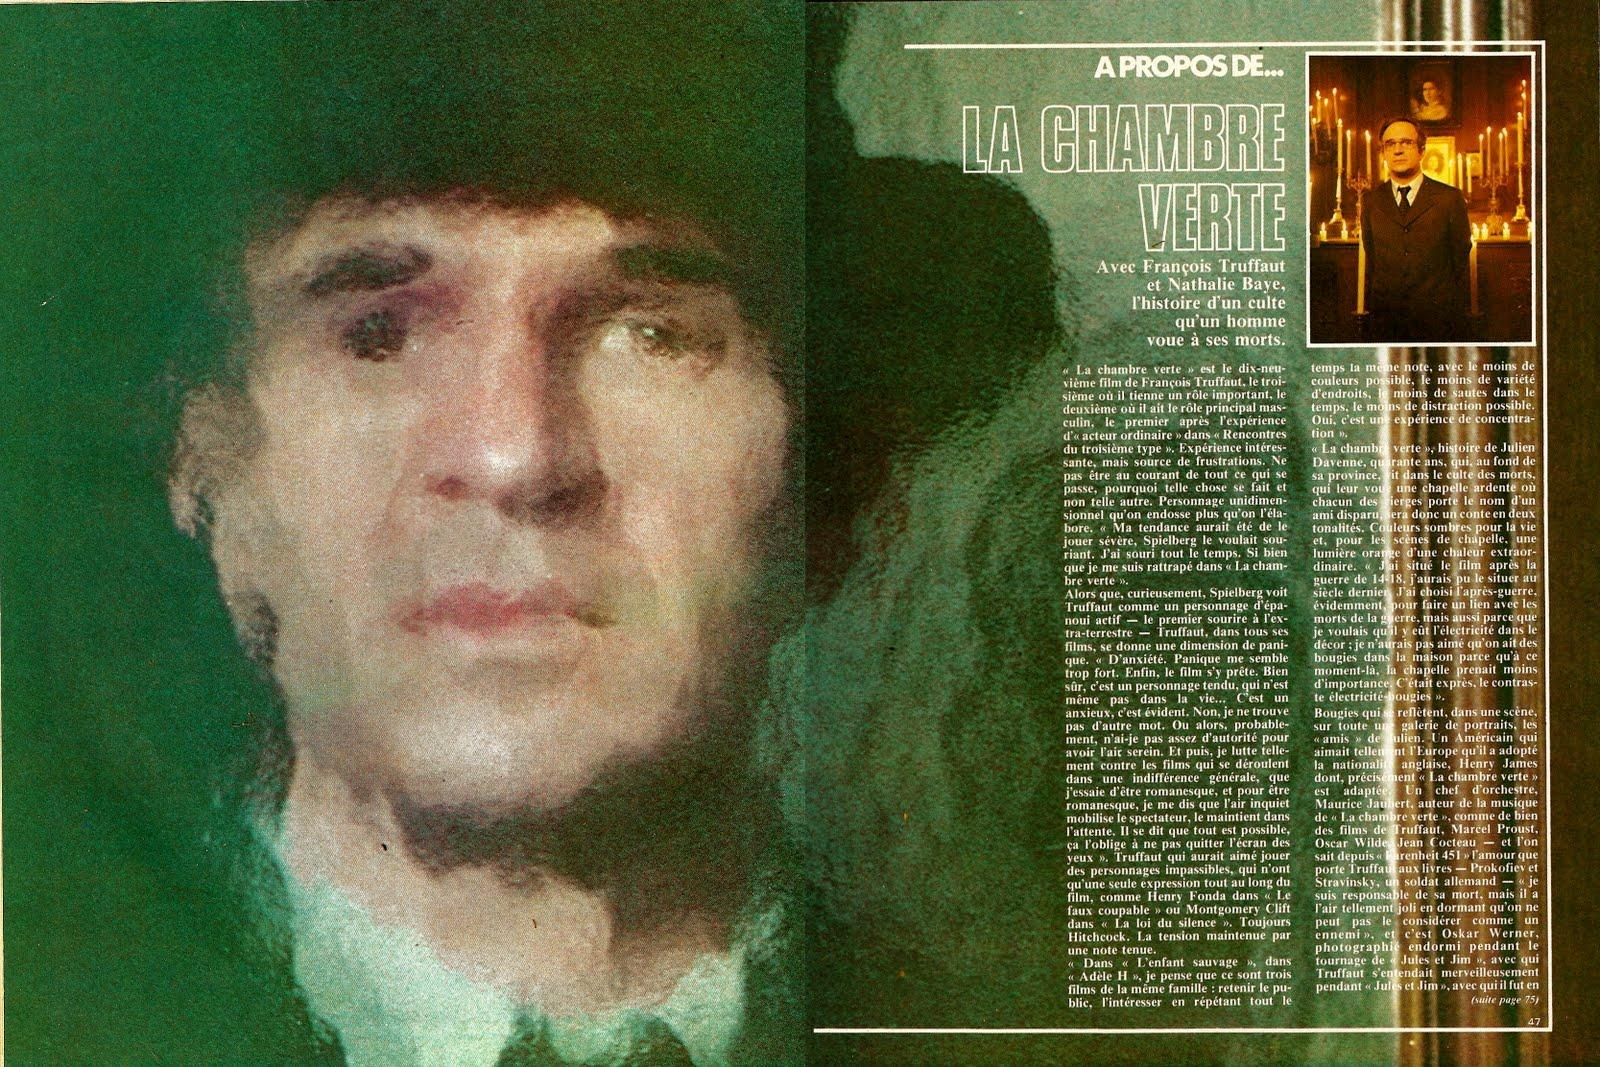 Chambre Verte Truffaut